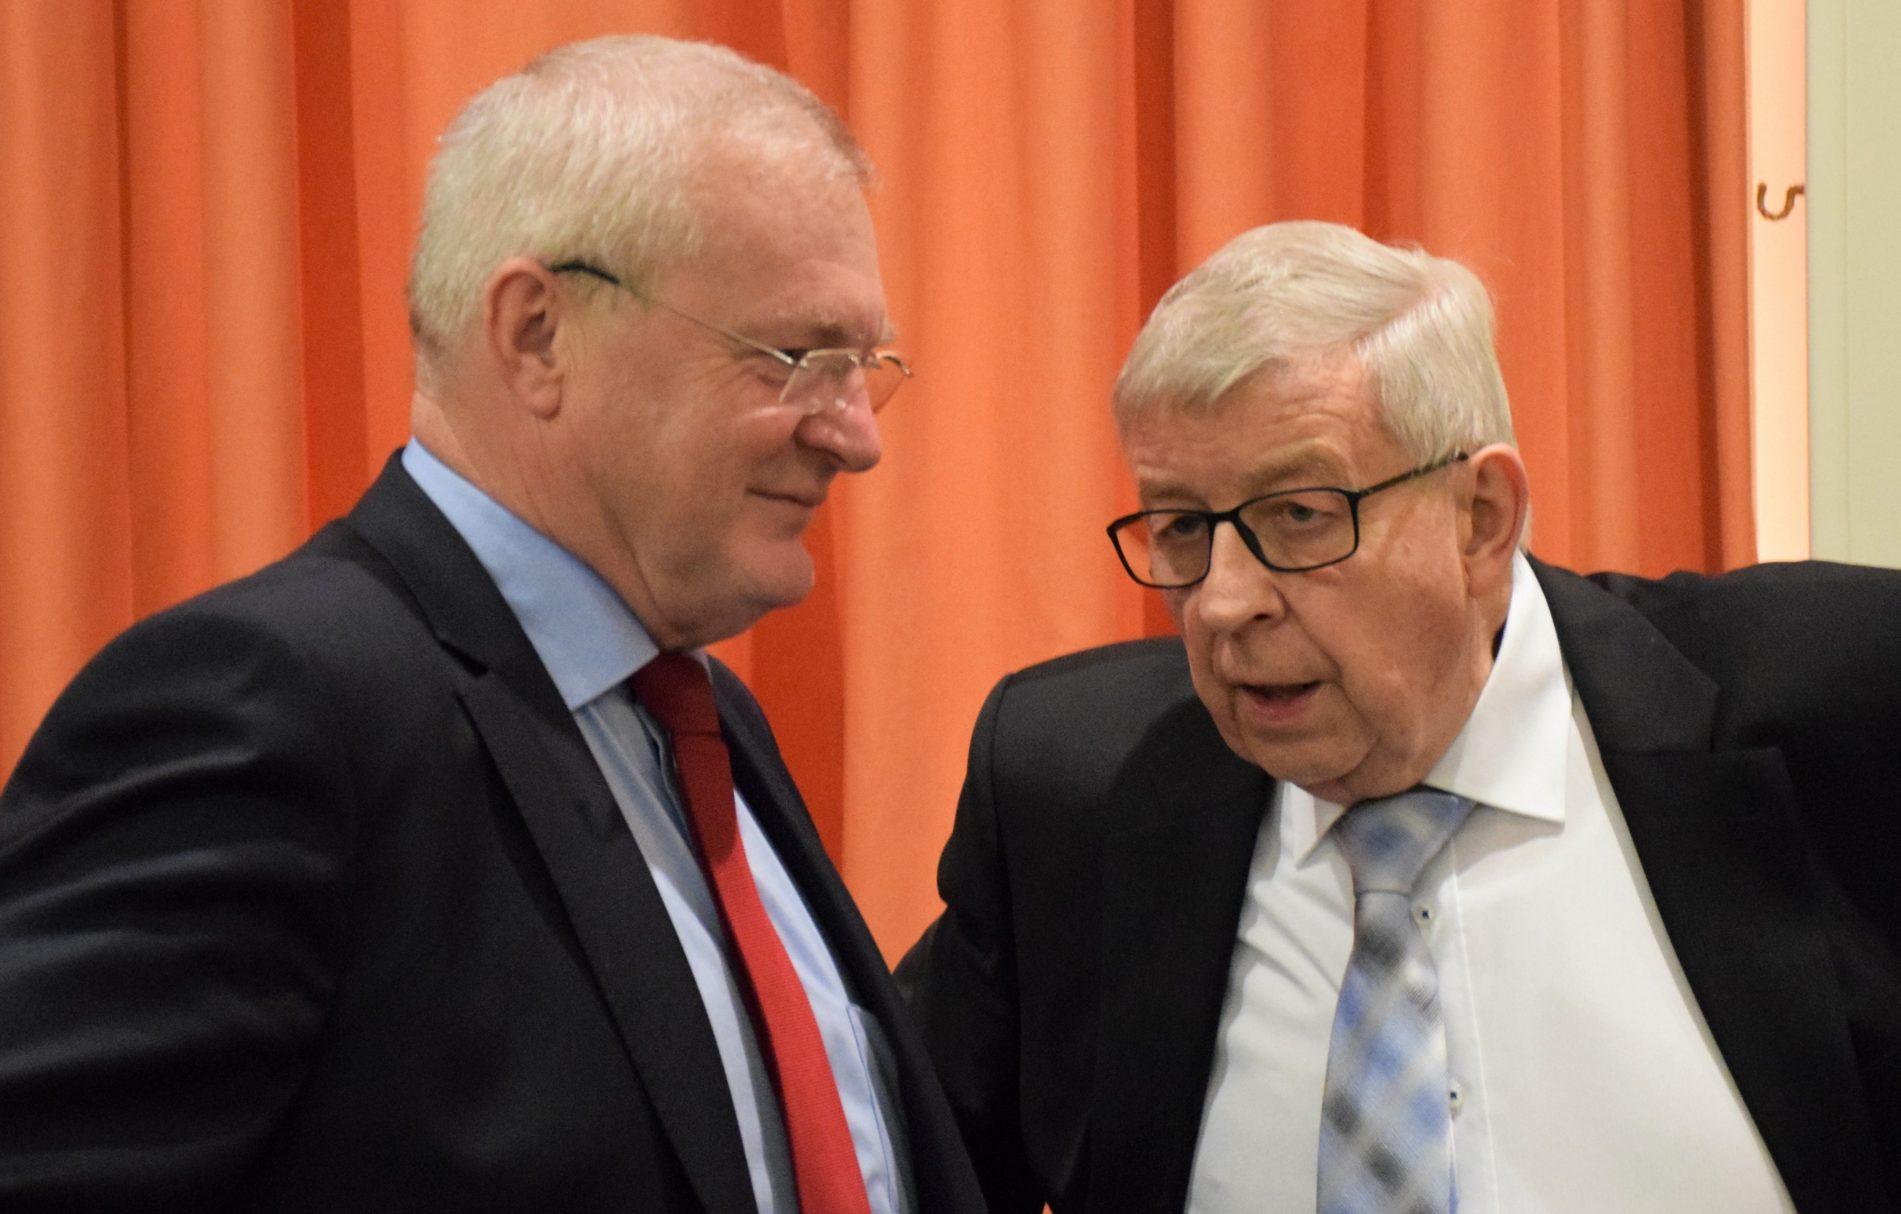 Josef Junk und Paul Schaefer